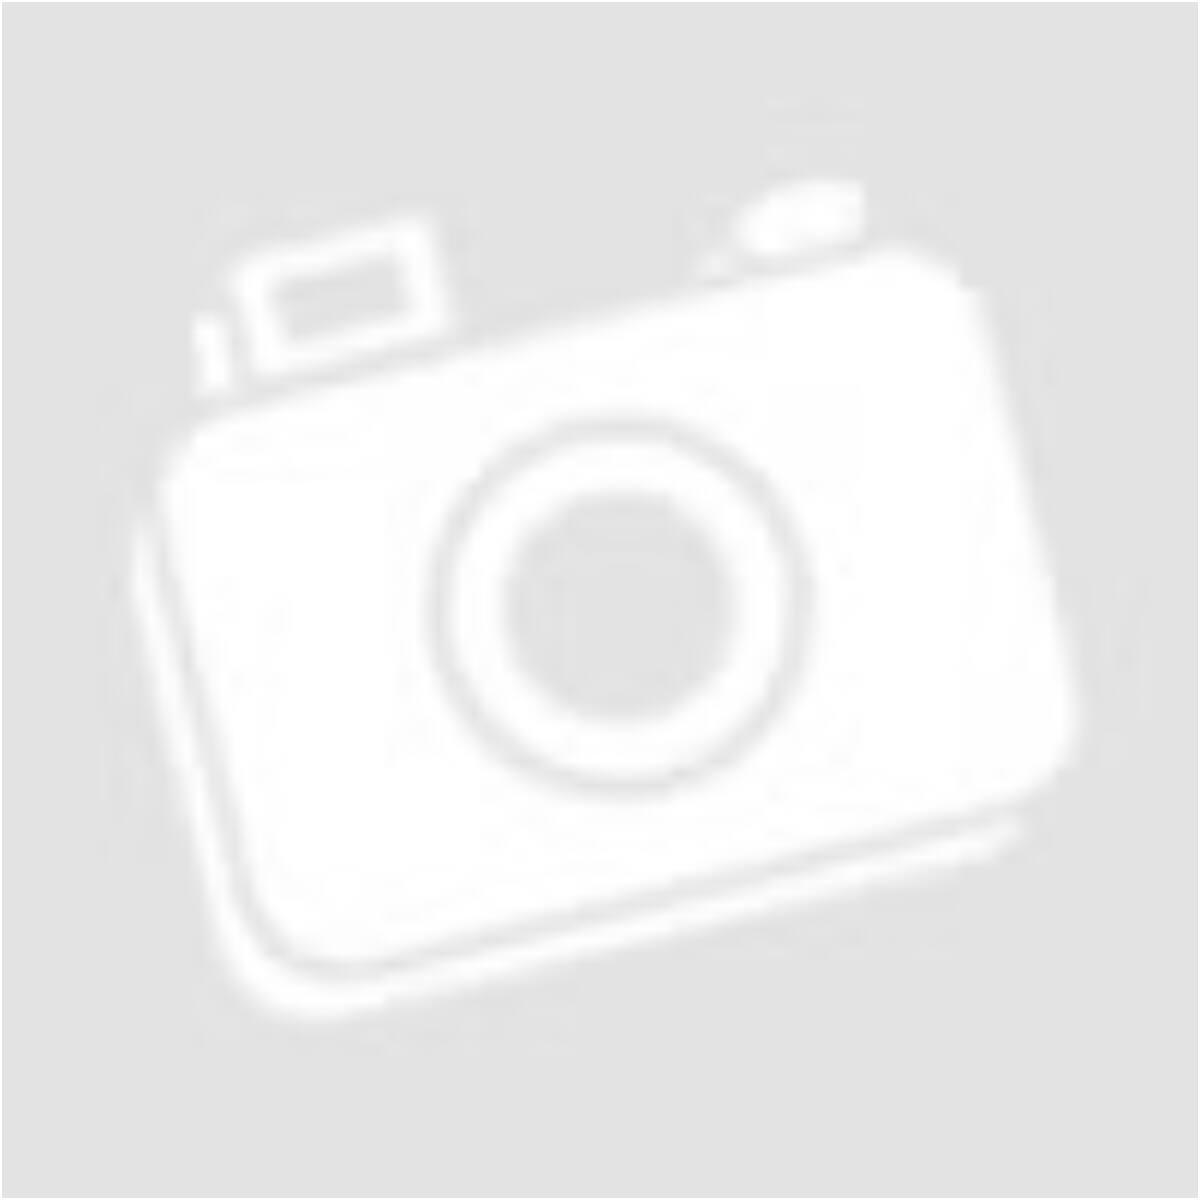 5e1a21d826 Gym Style pulcsi #B65S - szürke - Kapucni nélküli pulcsik